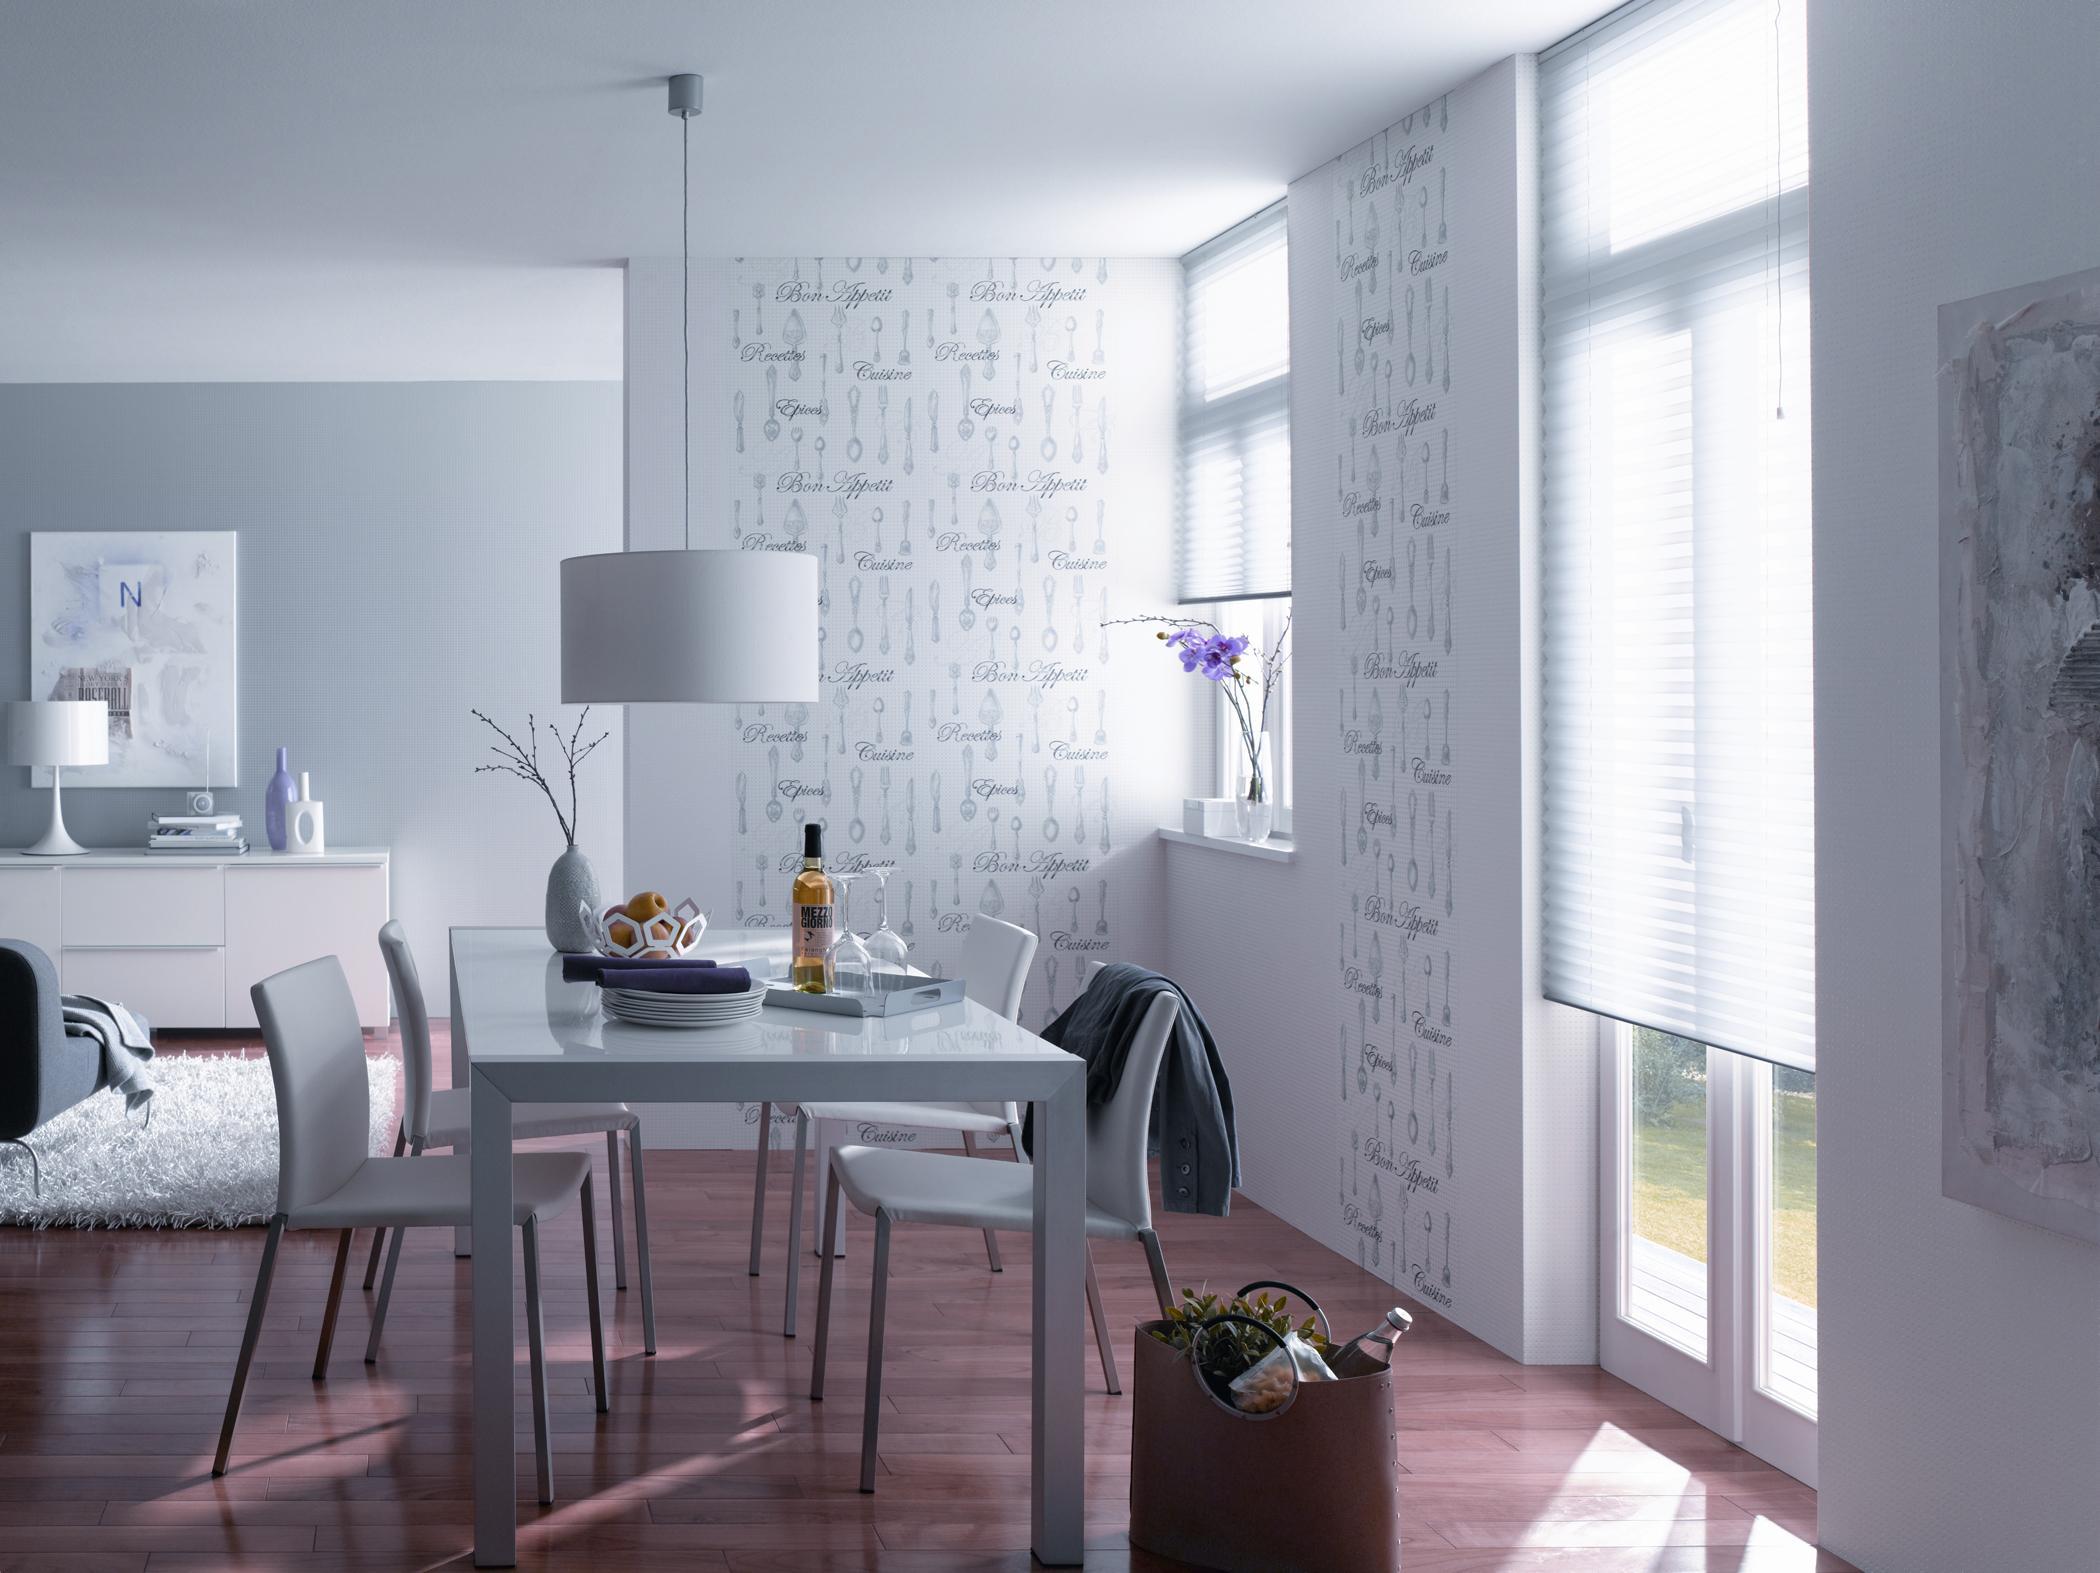 Esszimmer In Weiss Und Grau Esstisch Wandgestaltung